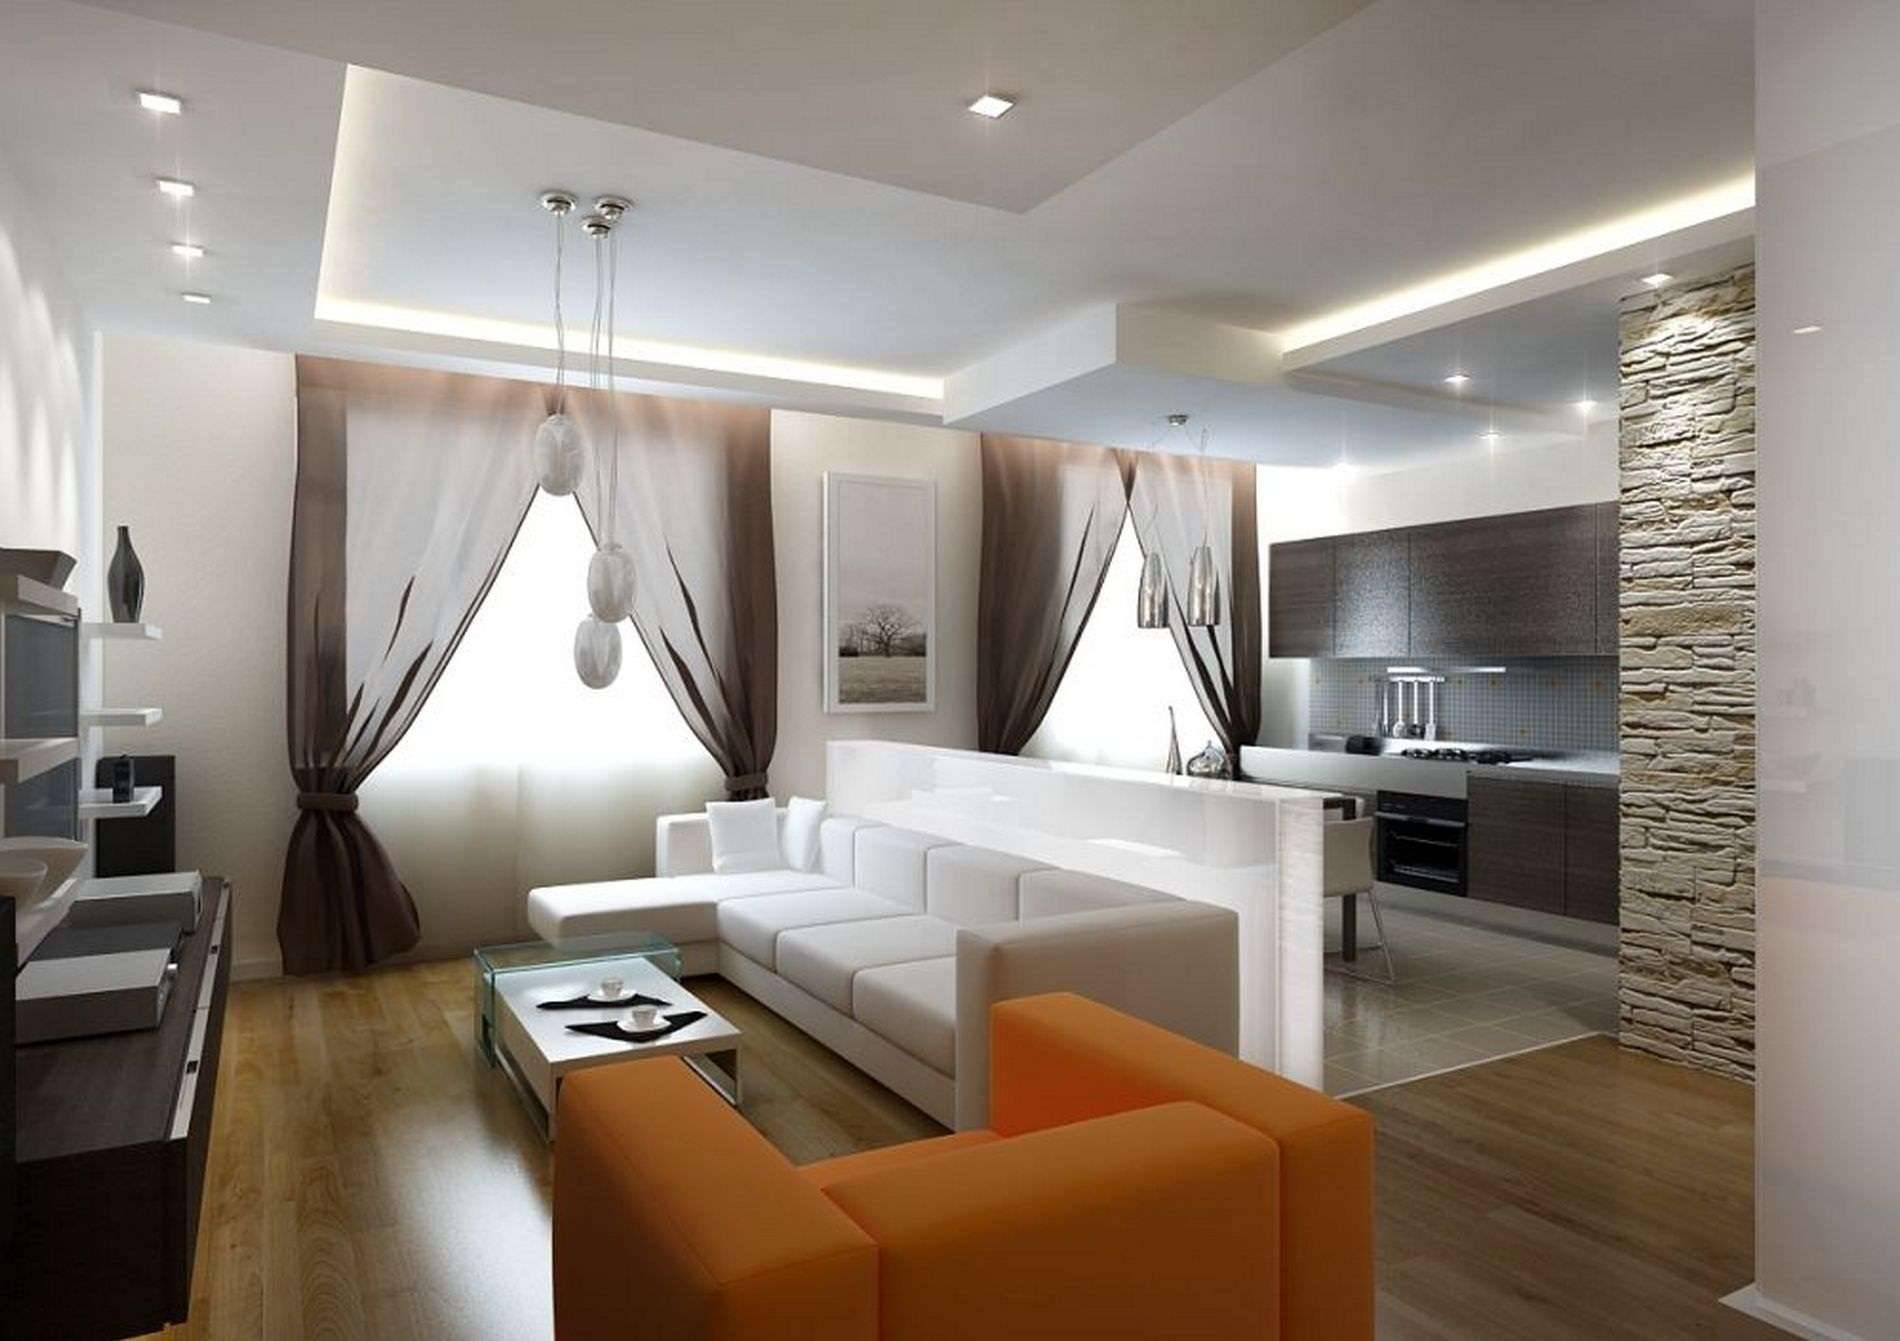 Дизайн кухни 20 кв. м (50 фото): планировка и зонирование интерьера помещения размером 20 квадратных метров, выбираем кухонный гарнитур